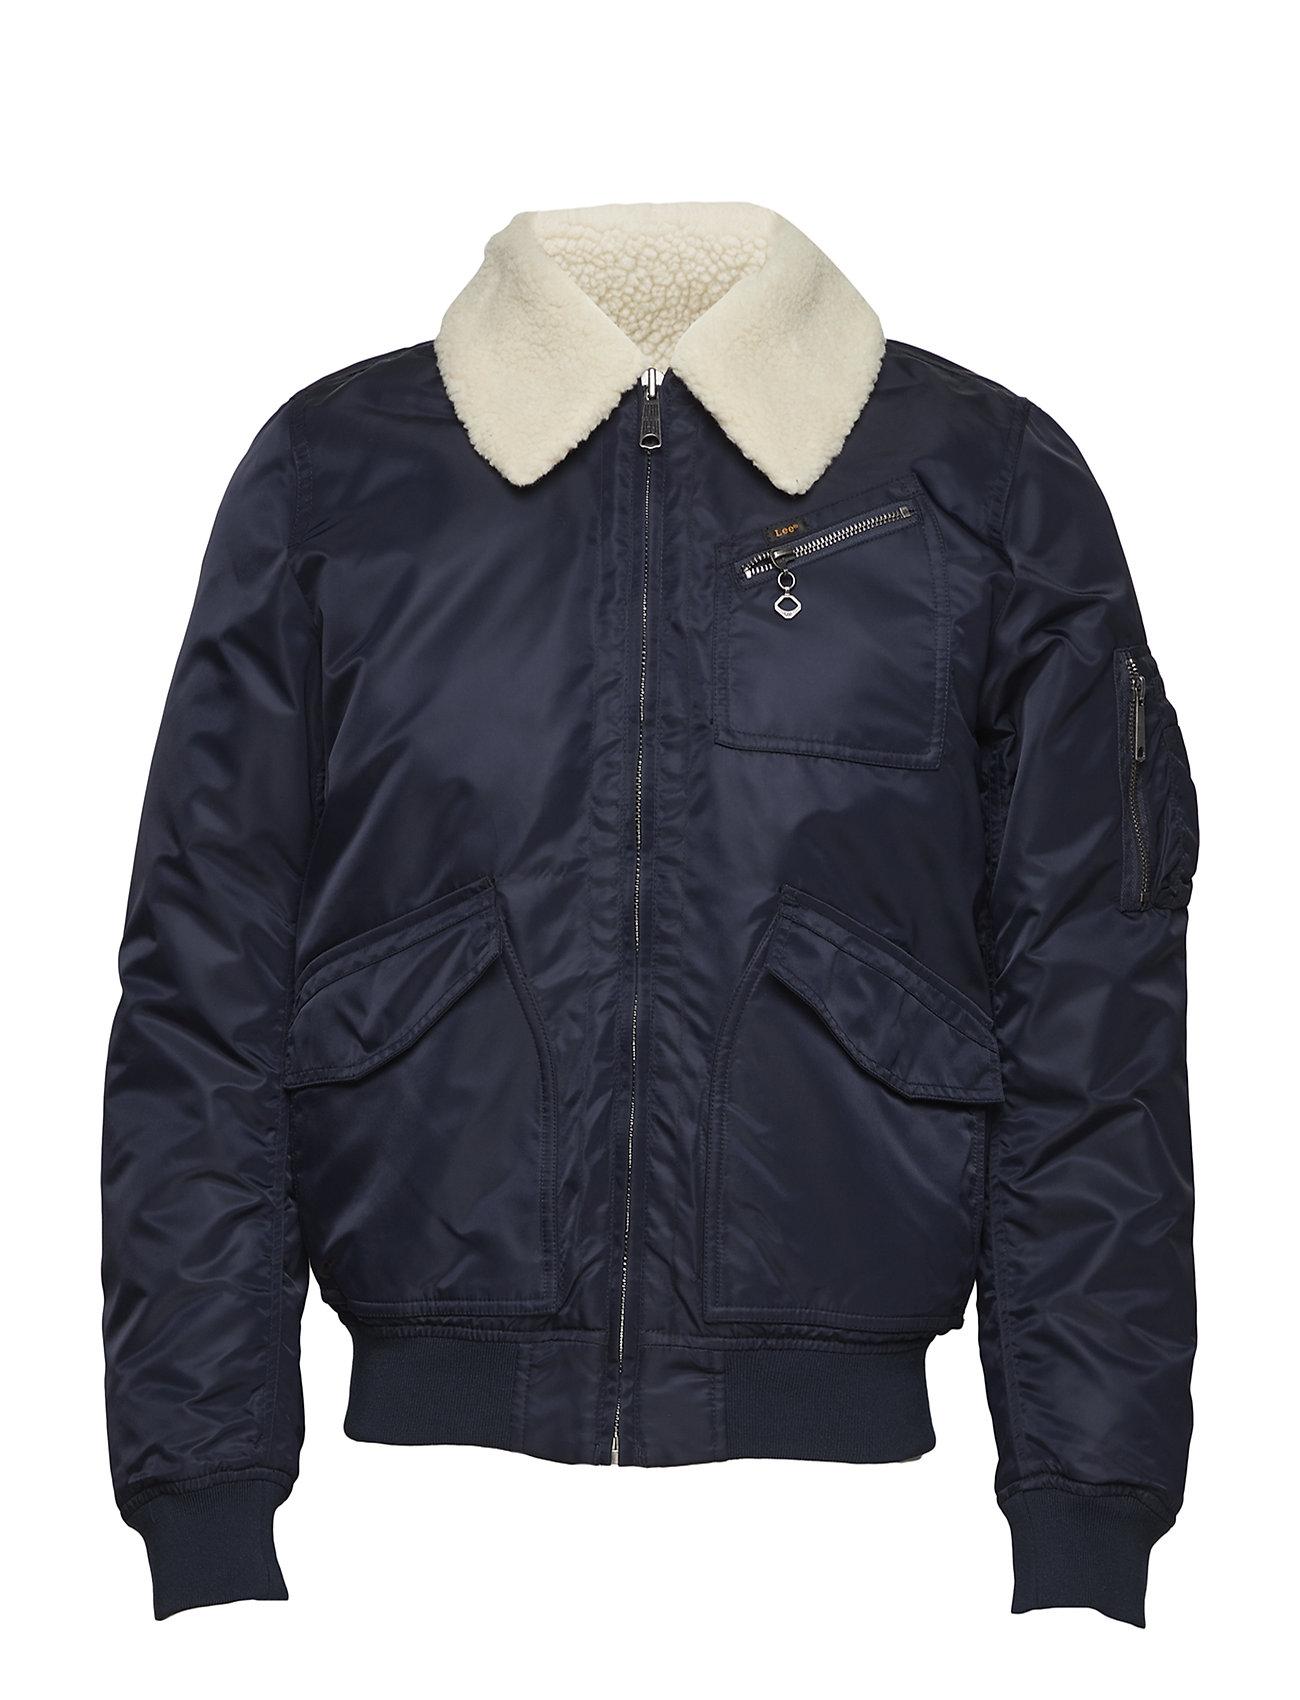 1659cfeb9cd Flight Zip Jacket (Night Sky) (£71.40) - Lee Jeans -